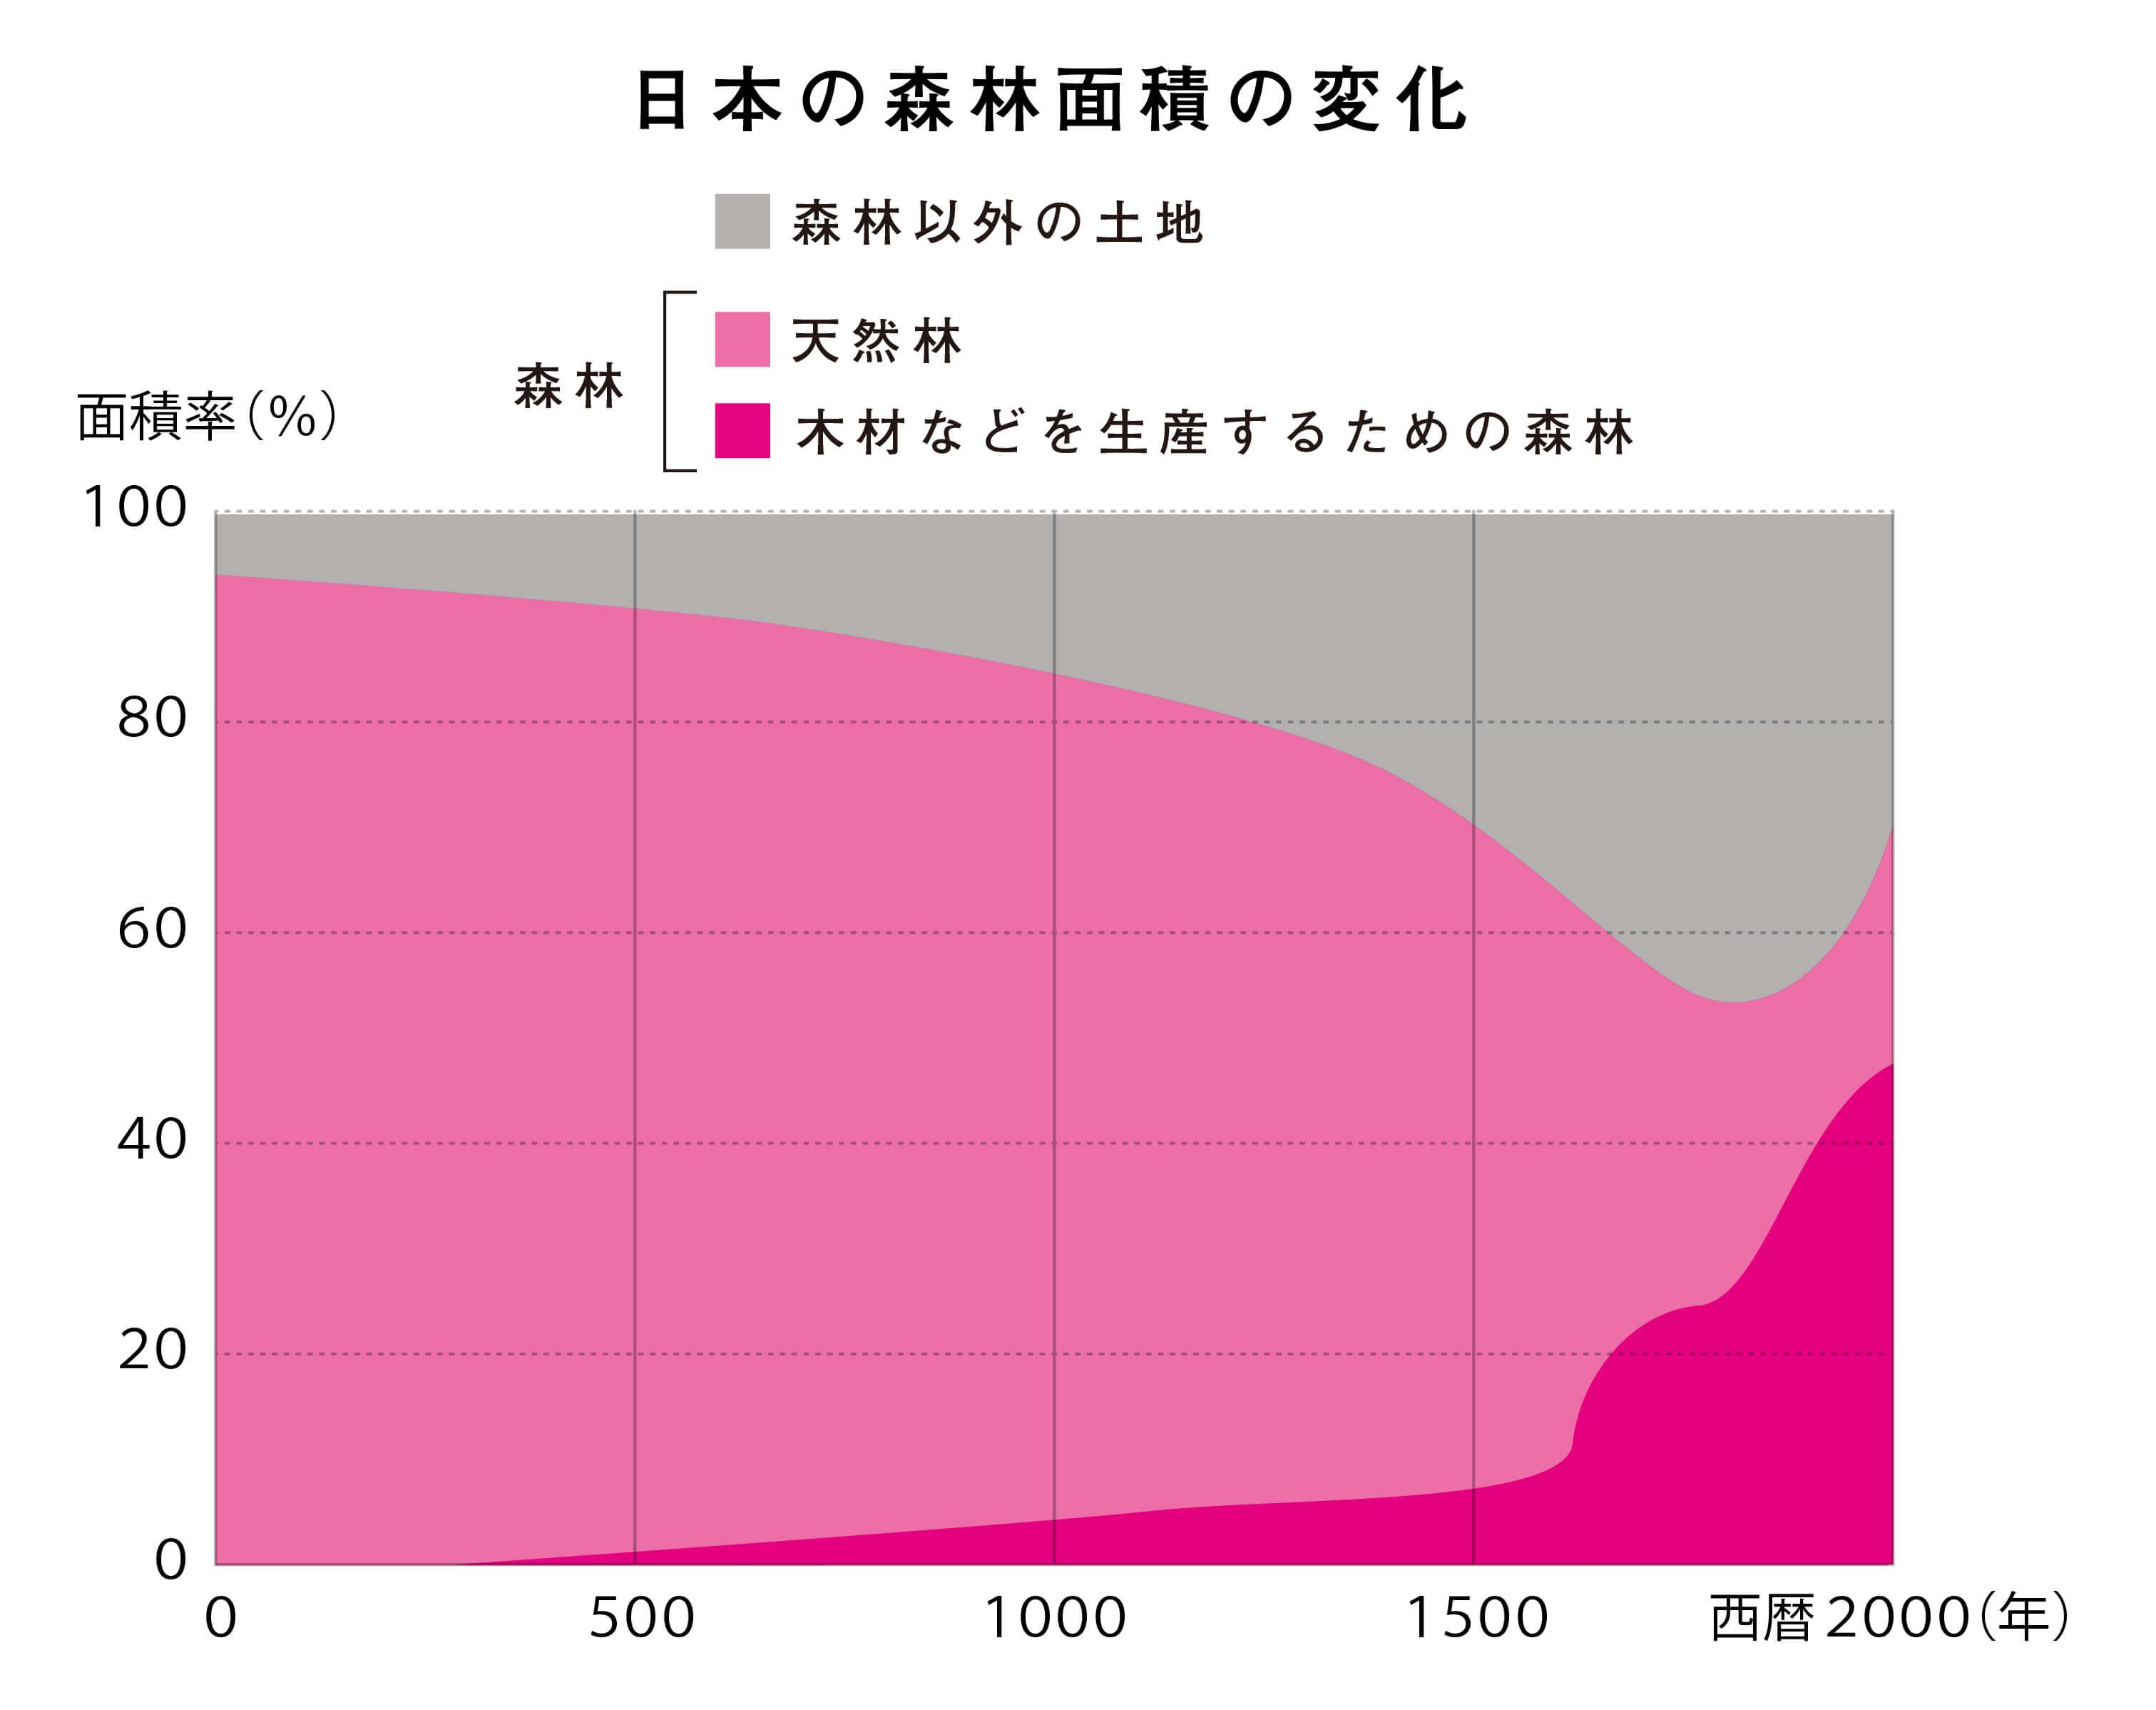 日本の森林面積の変化